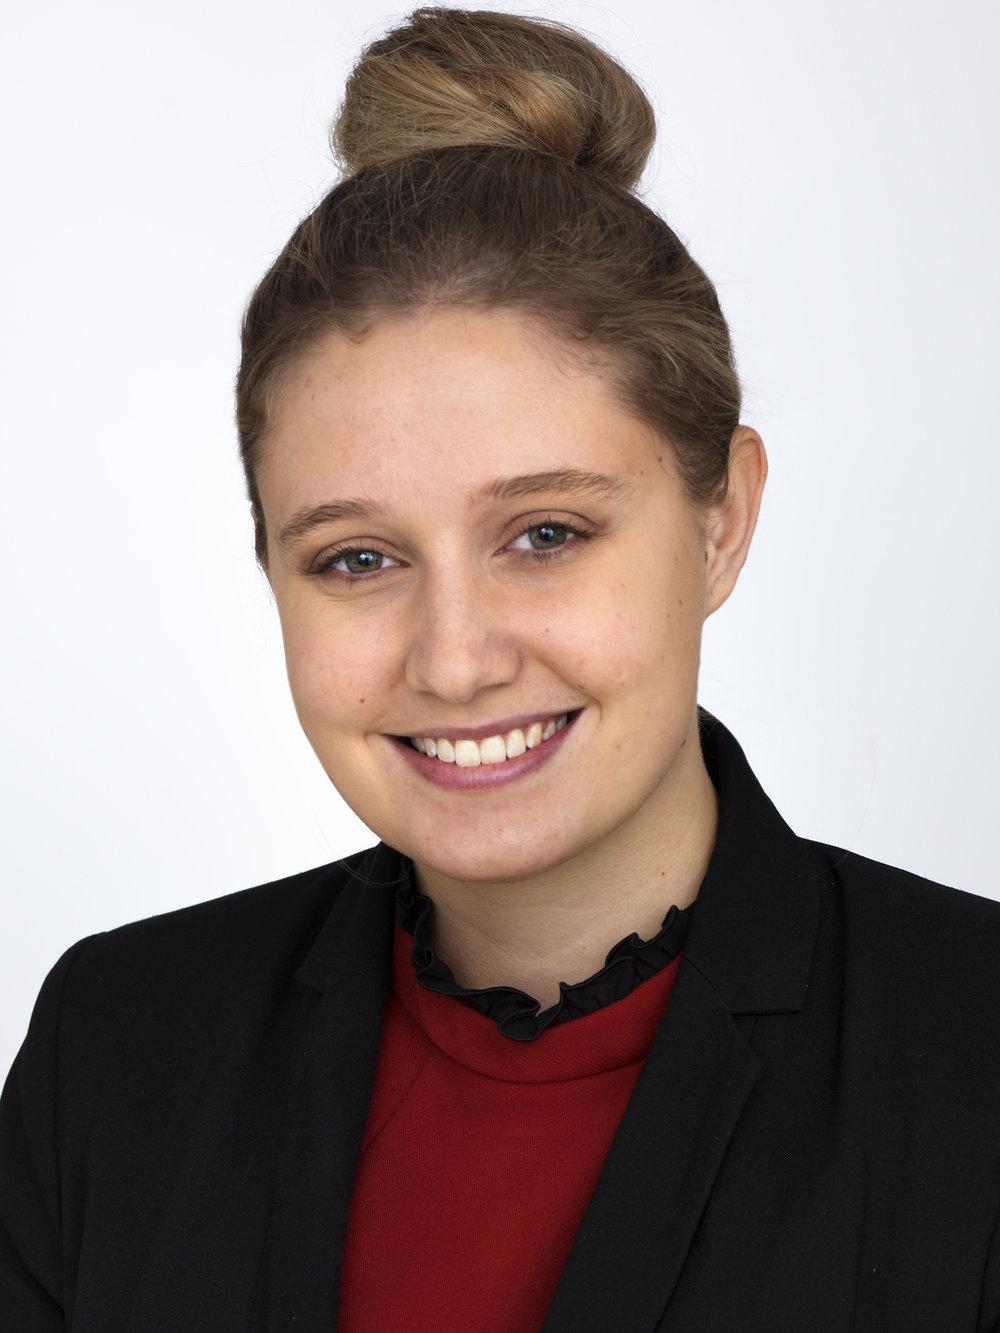 Chelsea White  Law Clerk   E chelsea@glenmcleodlegal.com   T +618 6460 5179